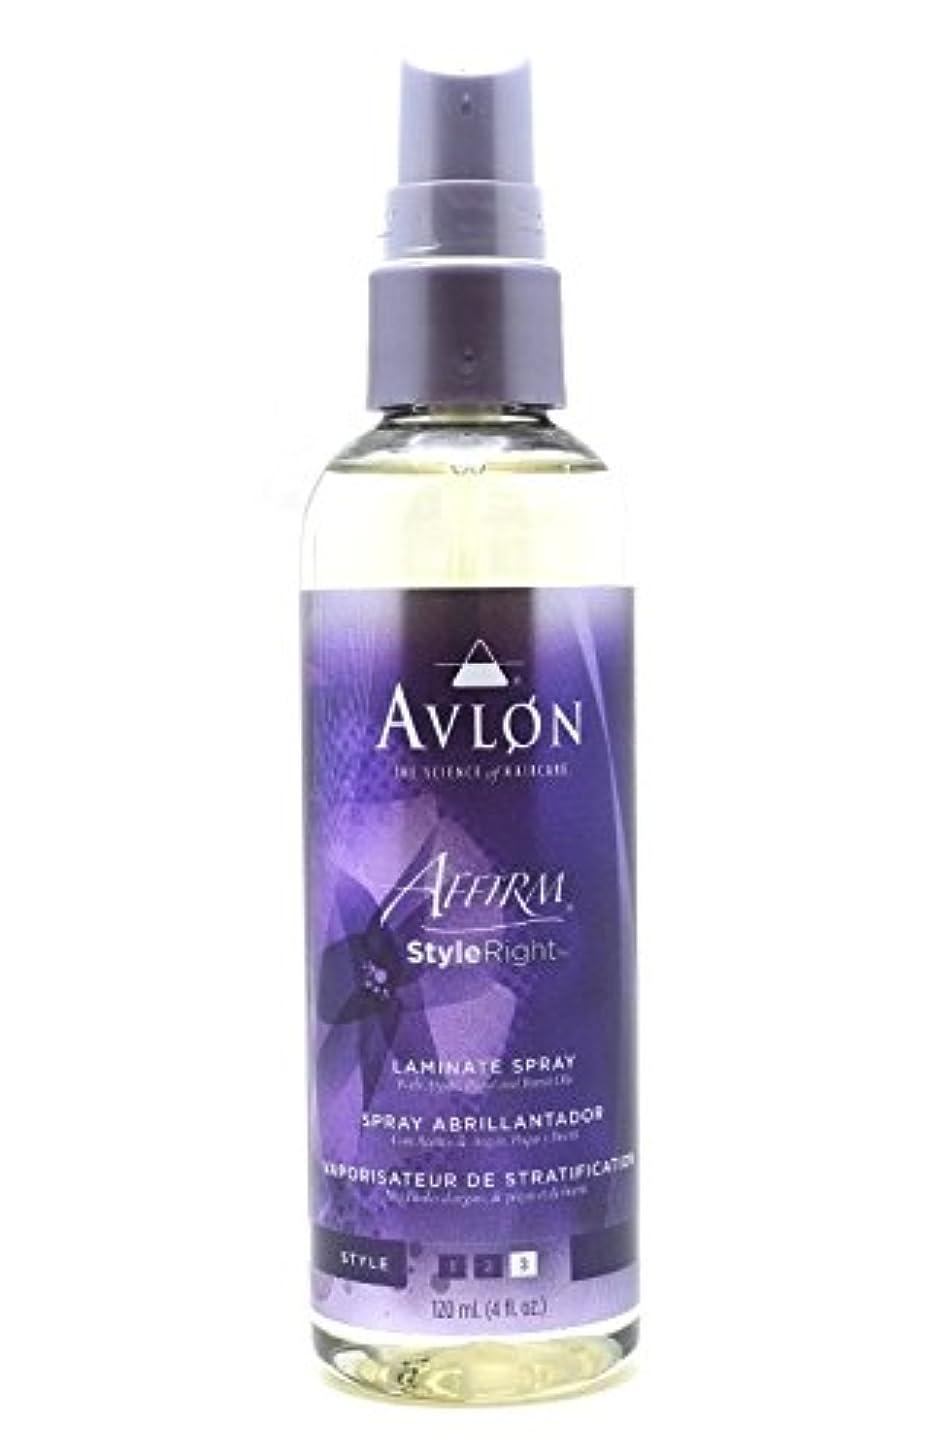 わずらわしい倒産柔らかさAvlon Hair Care アバロンアファームスタイル右ラミネートスプレー - 4.0オンス 4オンス